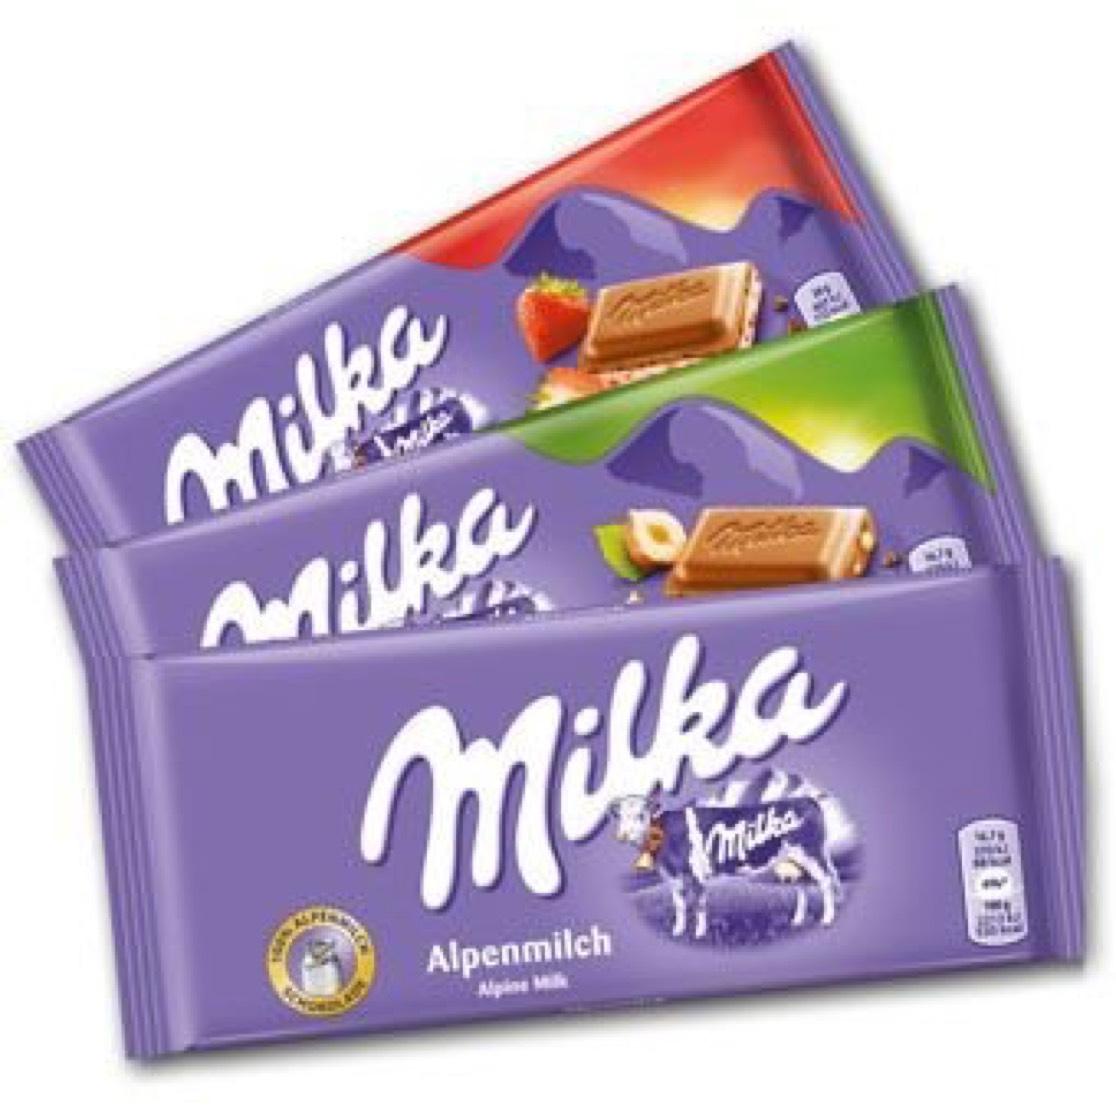 Milka für 75 Cent